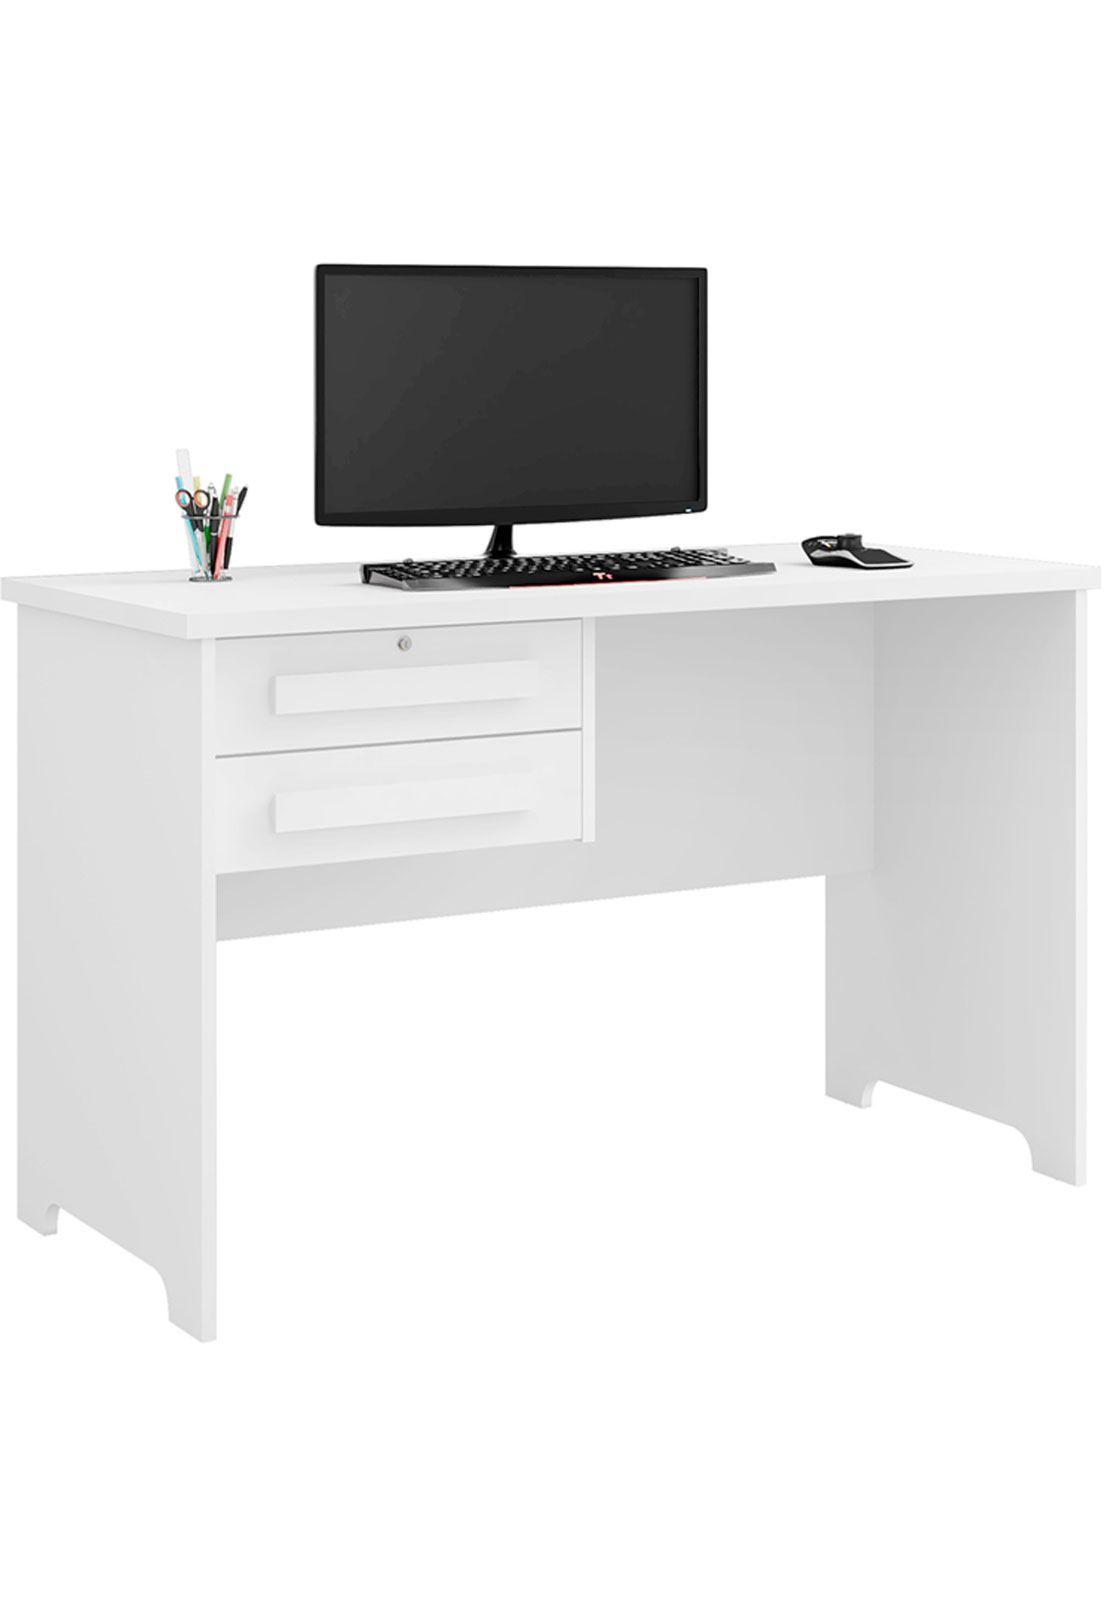 mesa de escritório Alemanha II 2 gavetas - RV Móveis